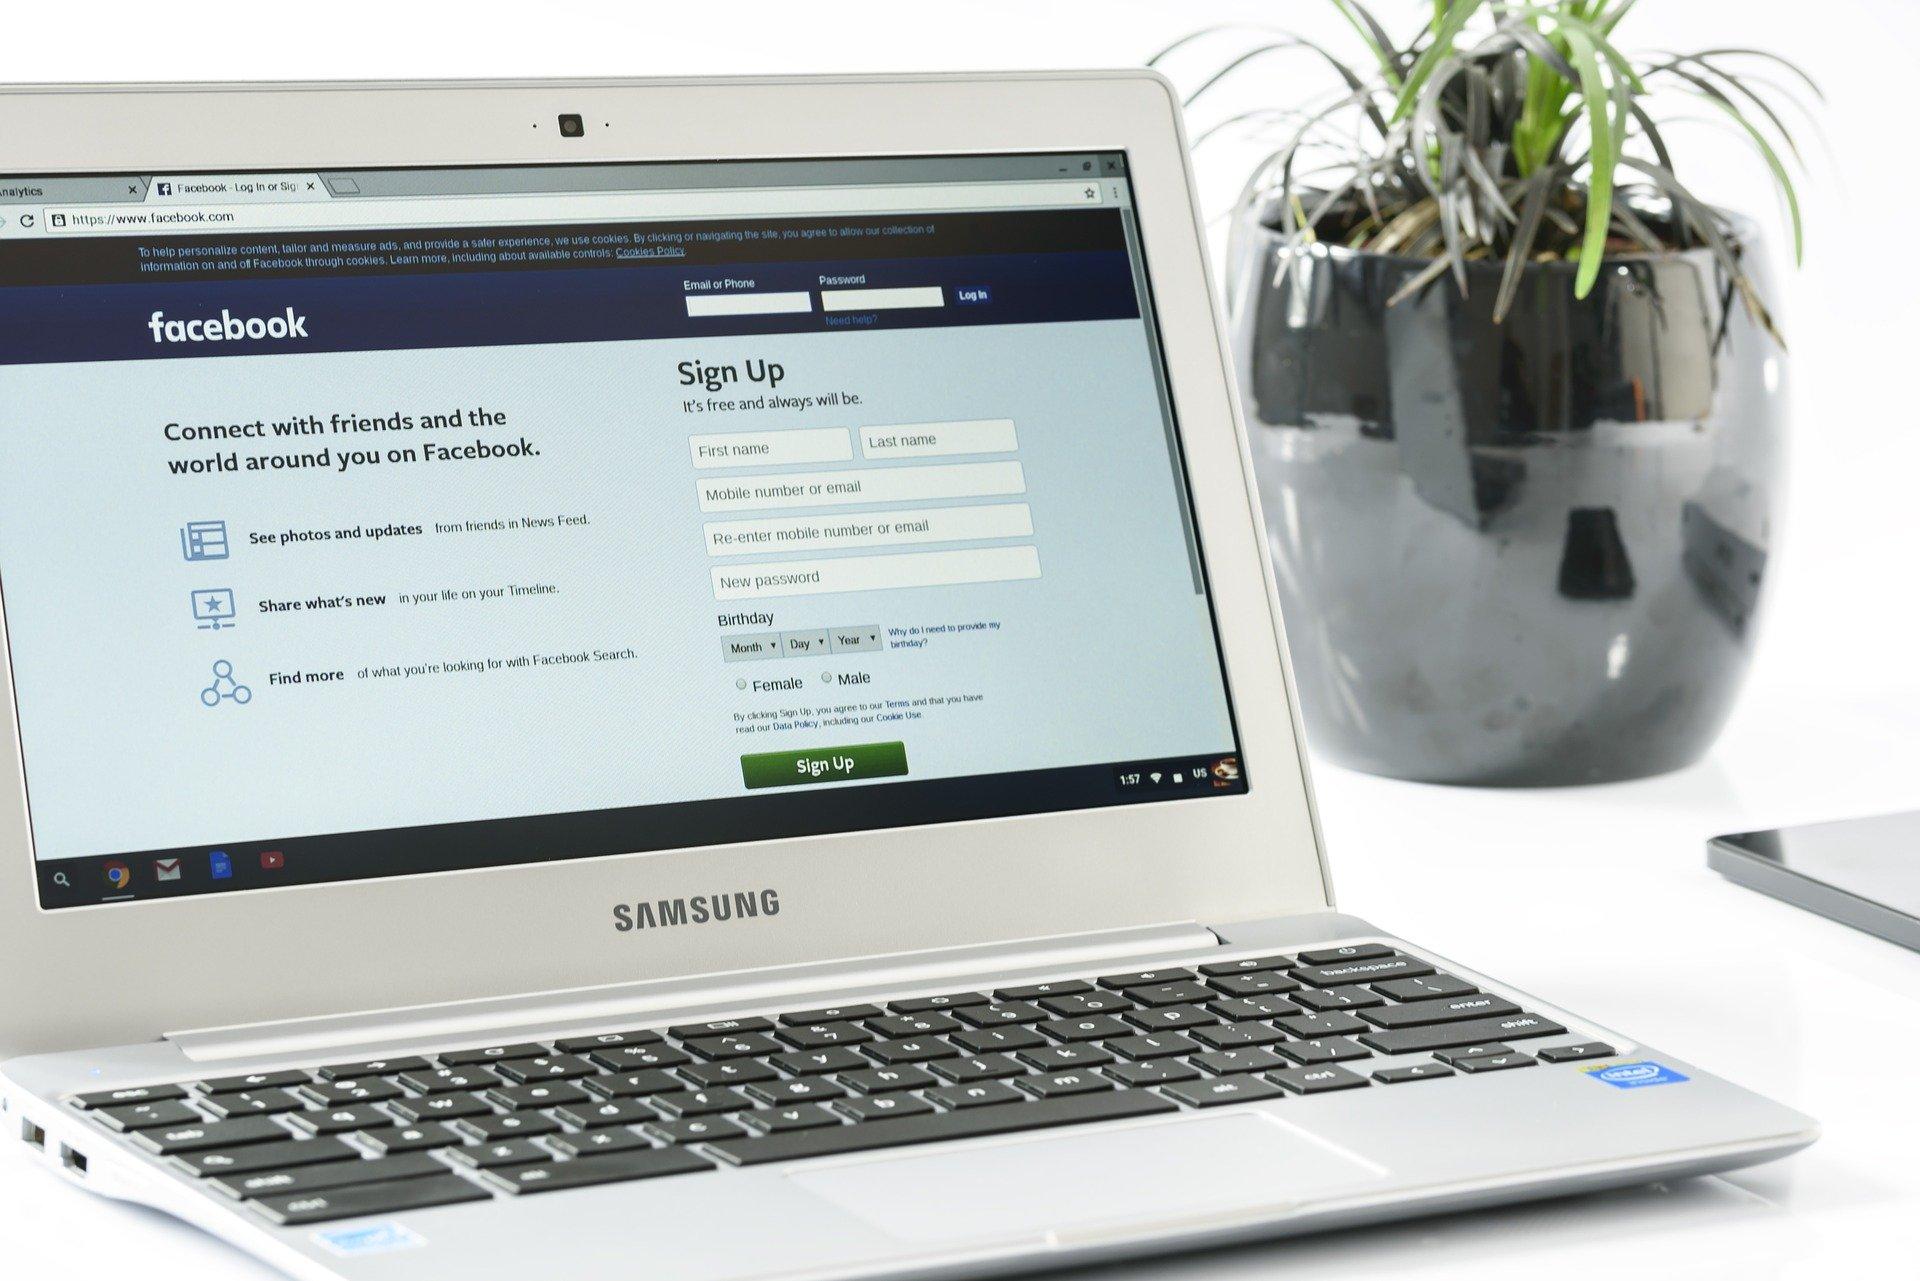 Notebook da Samsung, aberto no Facebook, em uma mesa ao lado de uma planta